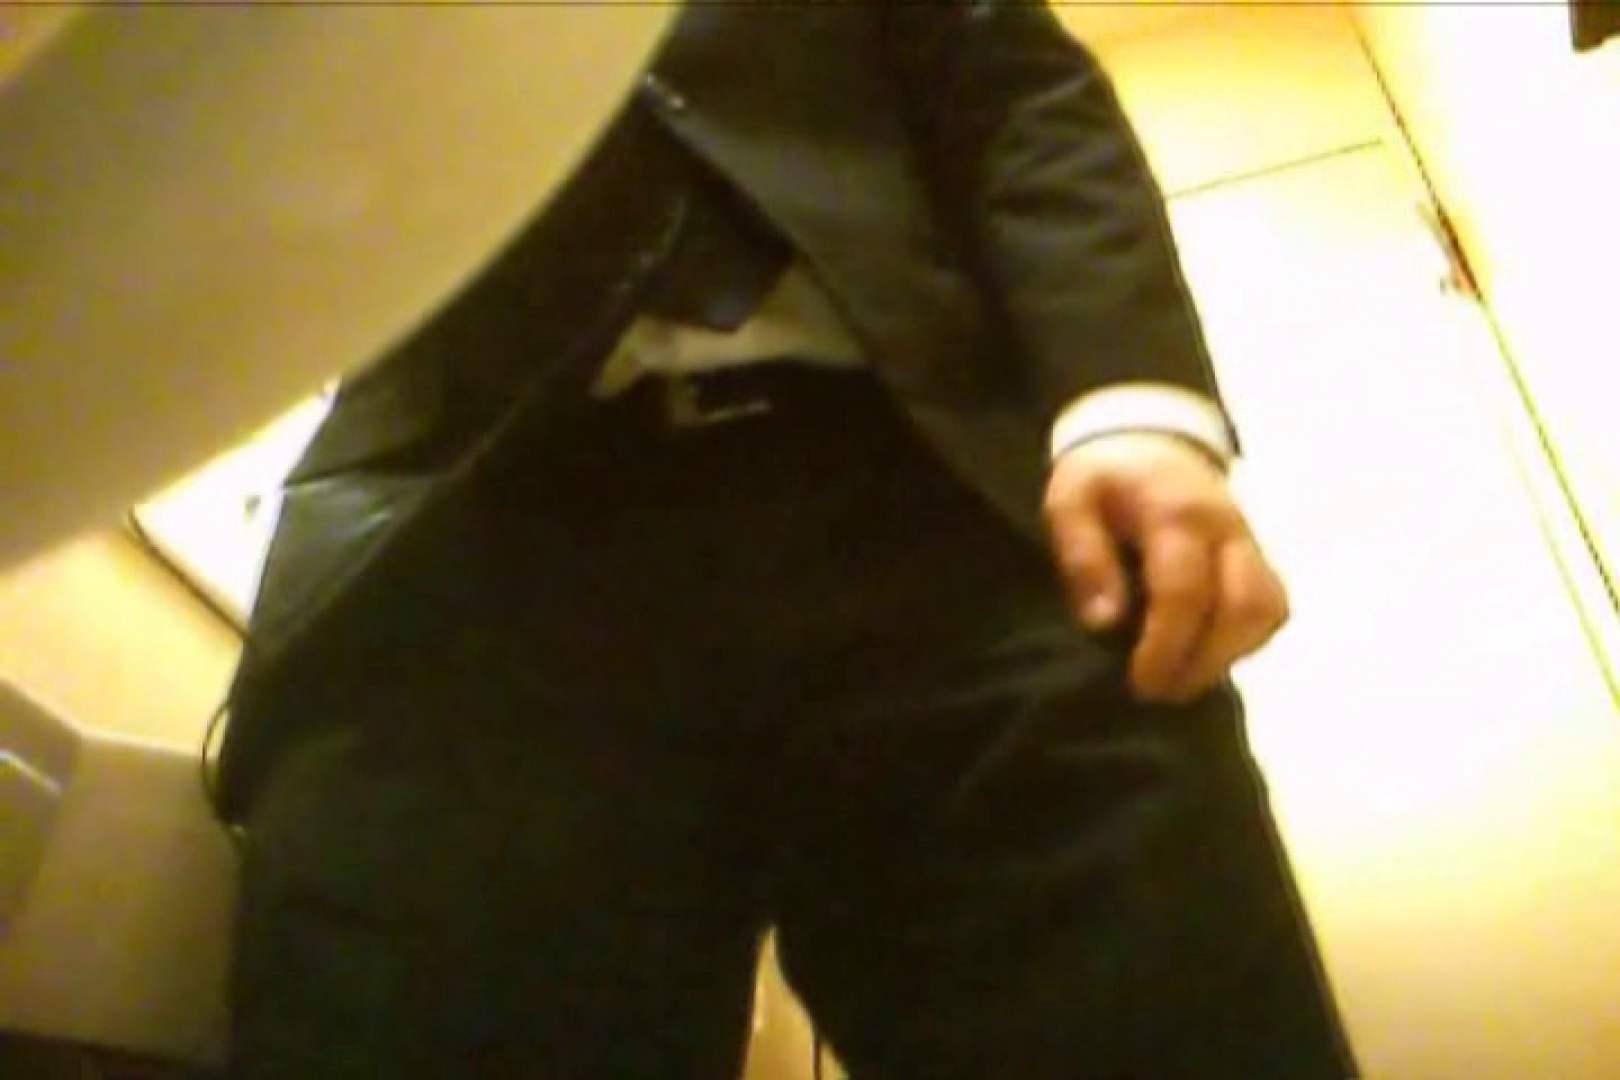 SEASON 2ND!掴み取りさんの洗面所覗き!in新幹線!VOL.21 ボーイズ私服 | 完全無修正でお届け  110pic 99